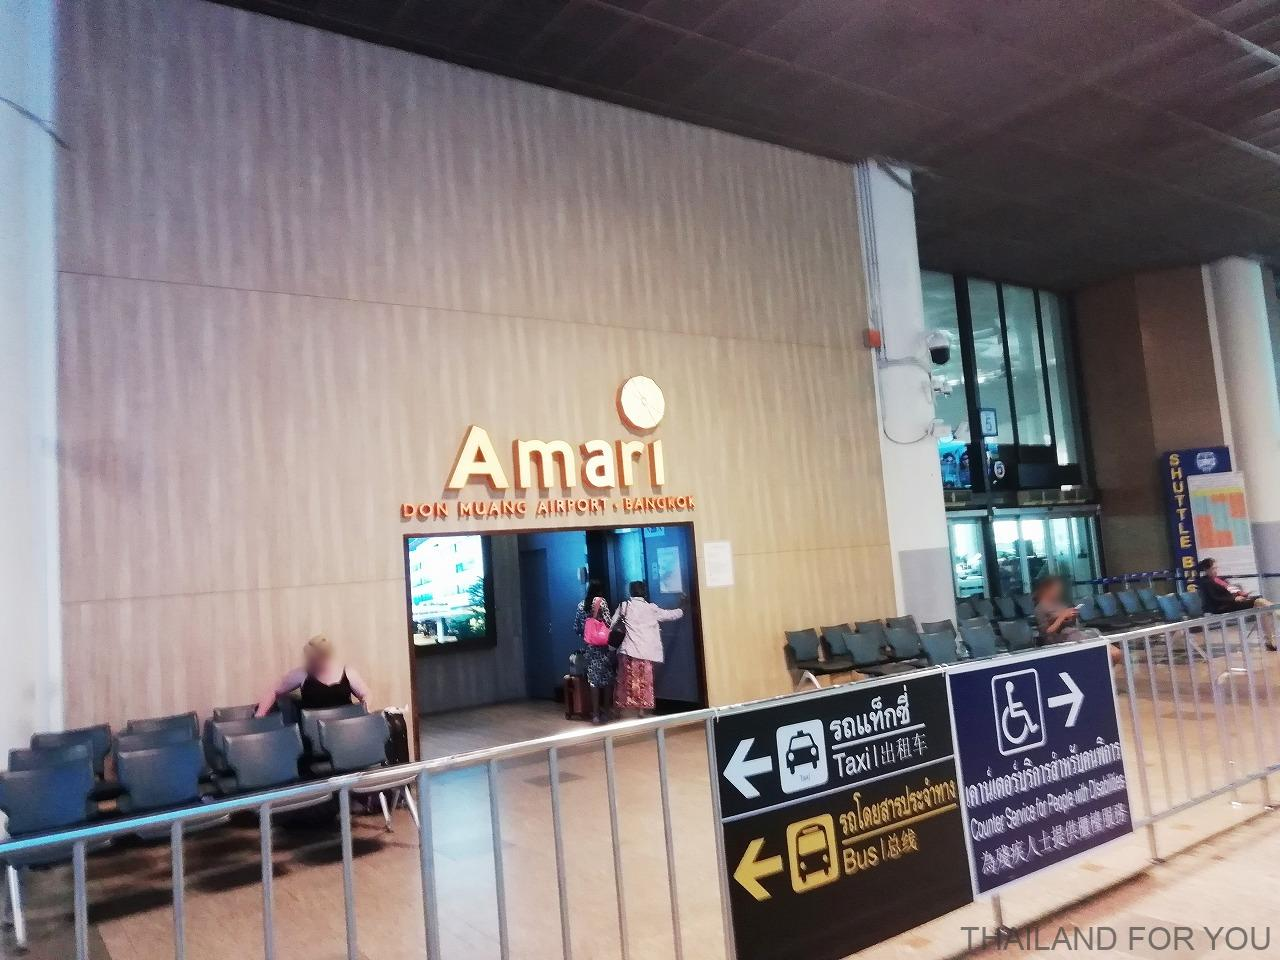 ドンムアン空港 アマリ・ドンムアンエアポート・バンコク